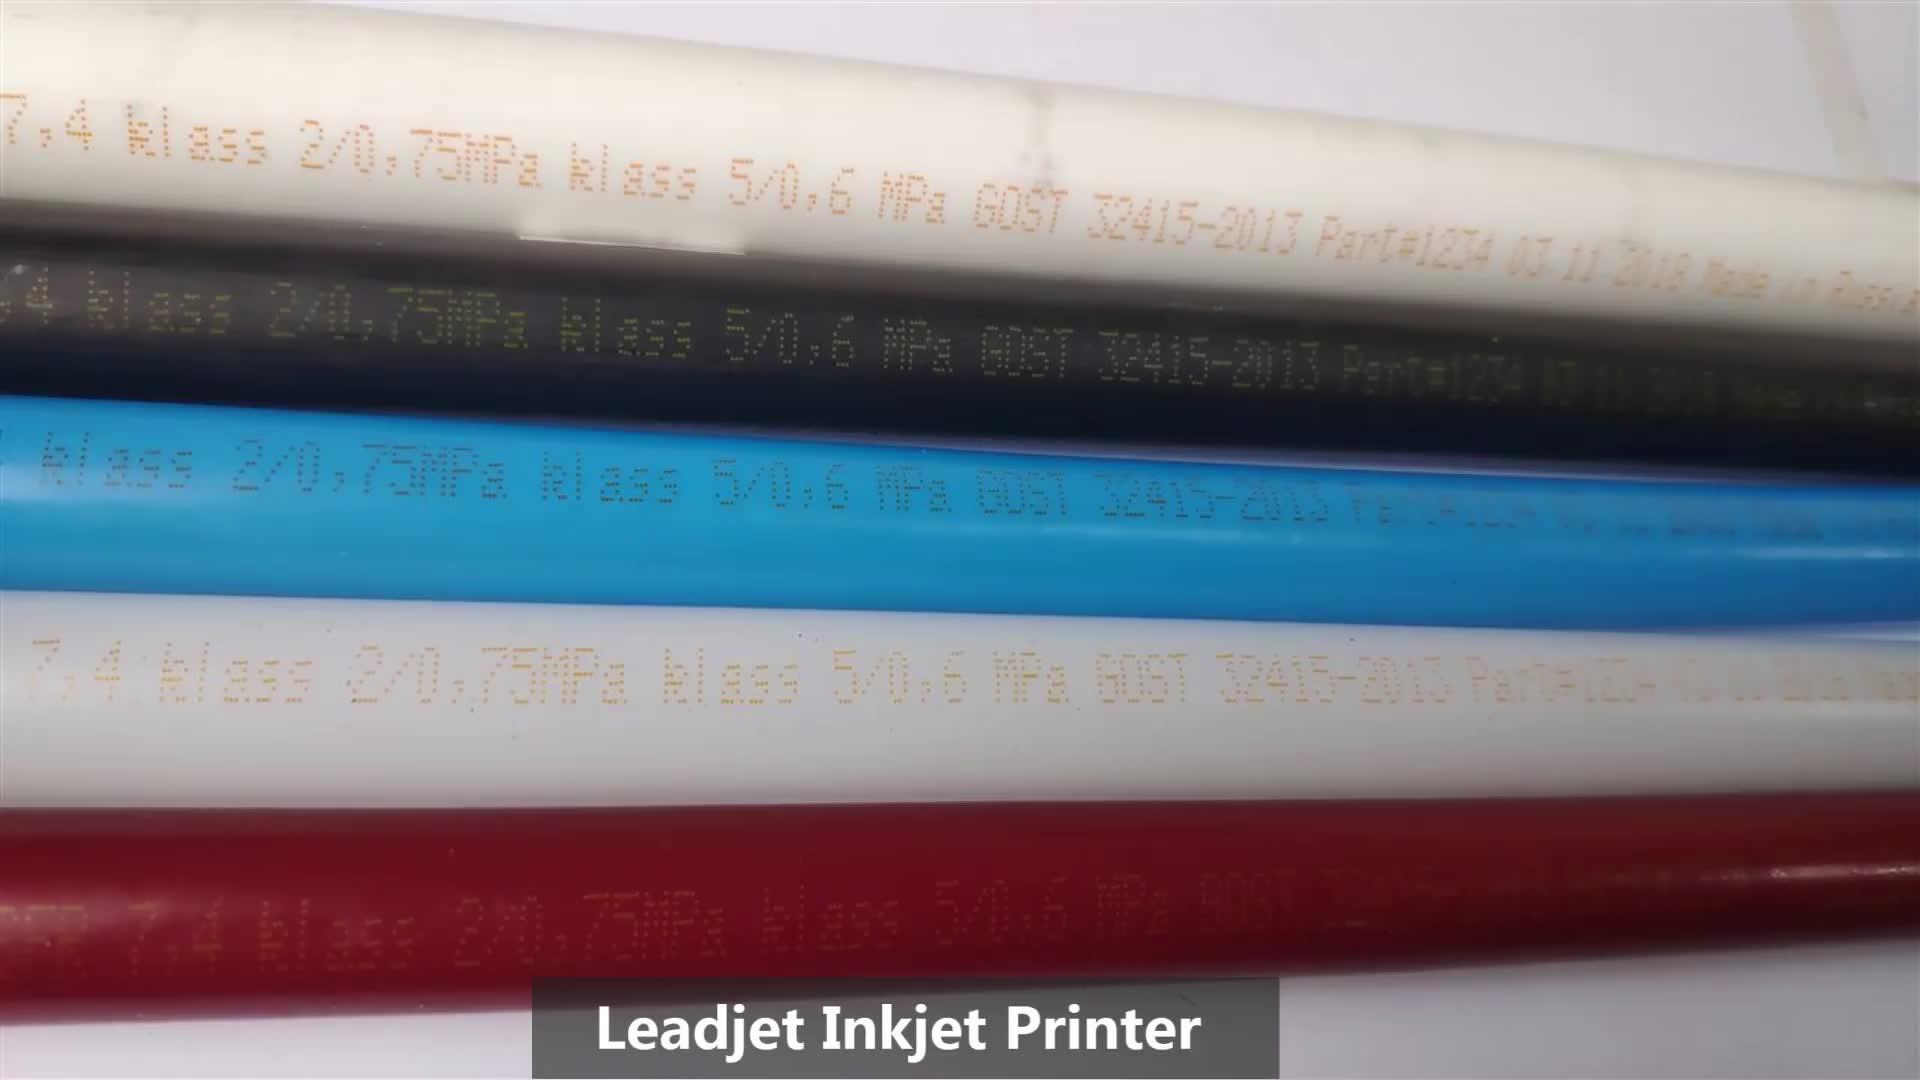 Leadjet cij Lot Numarası Seri No. Mürekkep Püskürtmeli Yazıcı Baskı PVC PP PET HDPE malzeme